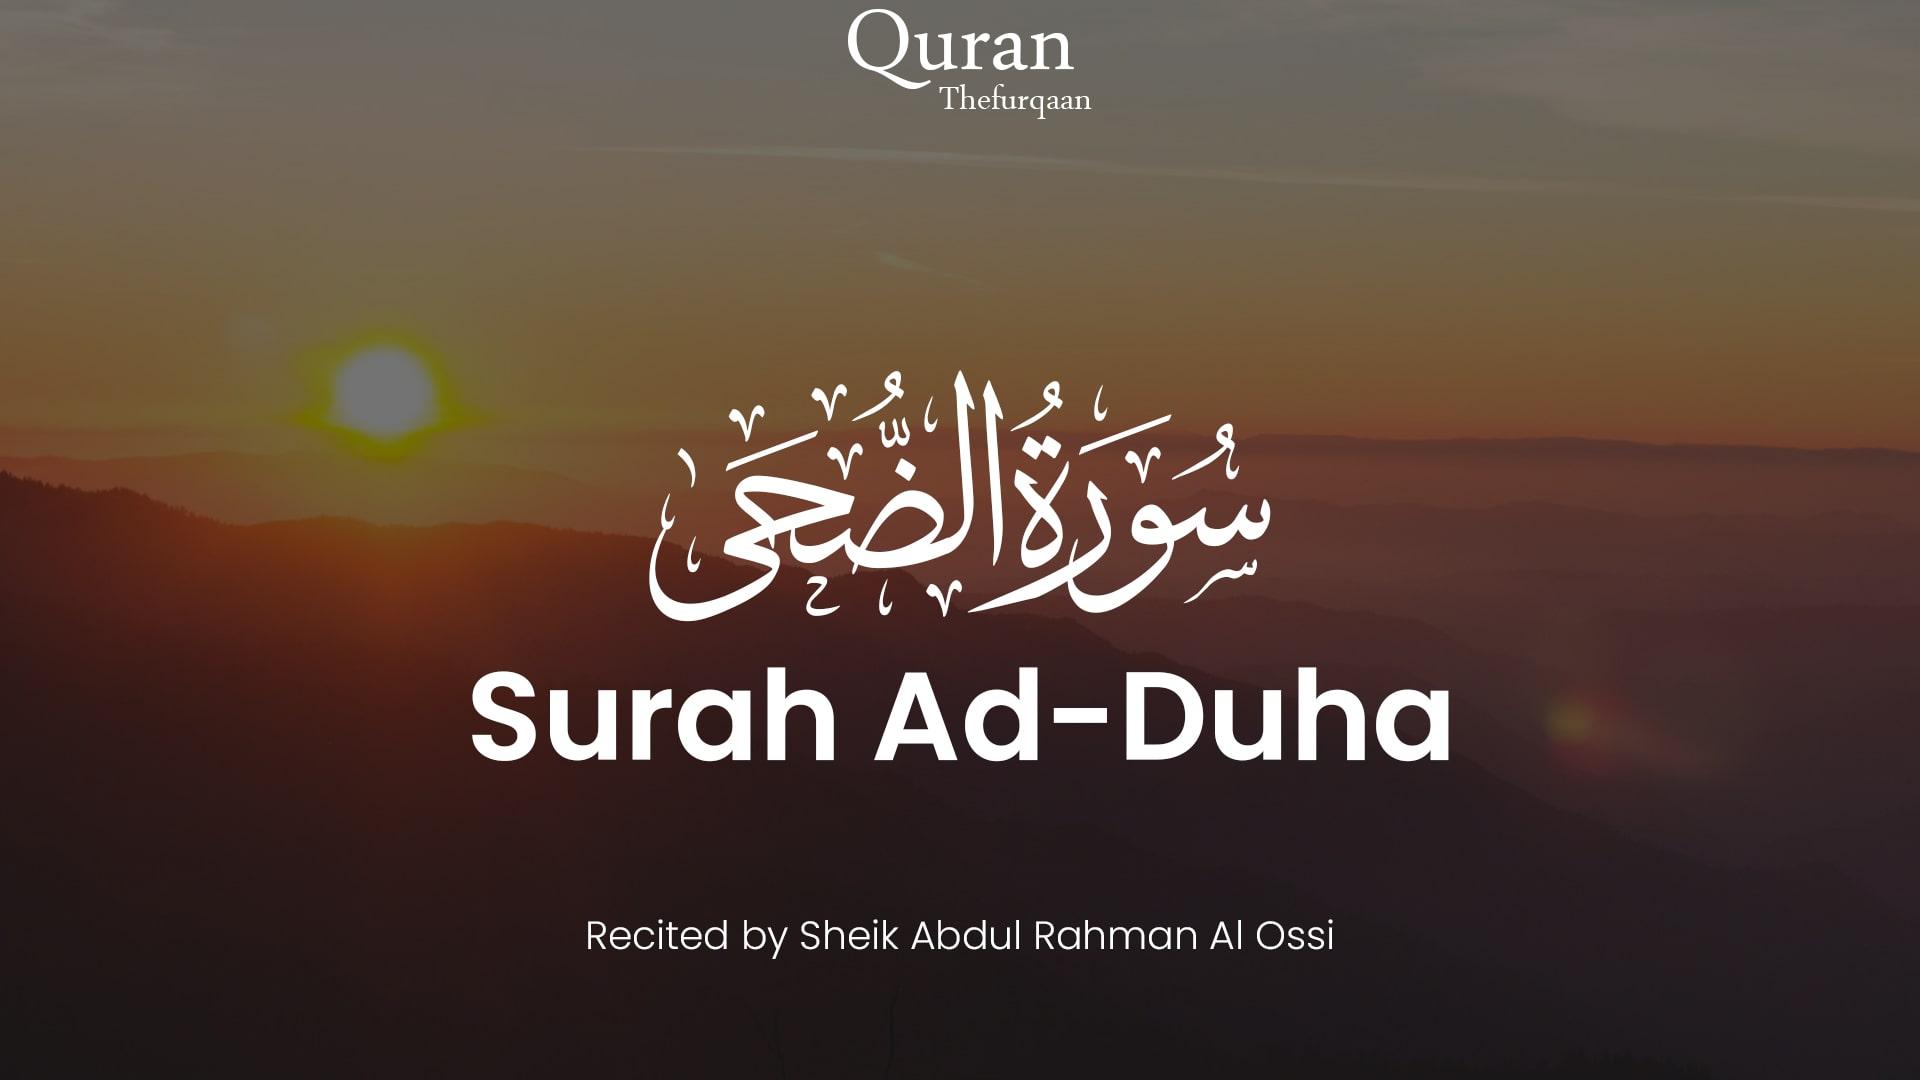 surah ad duha image